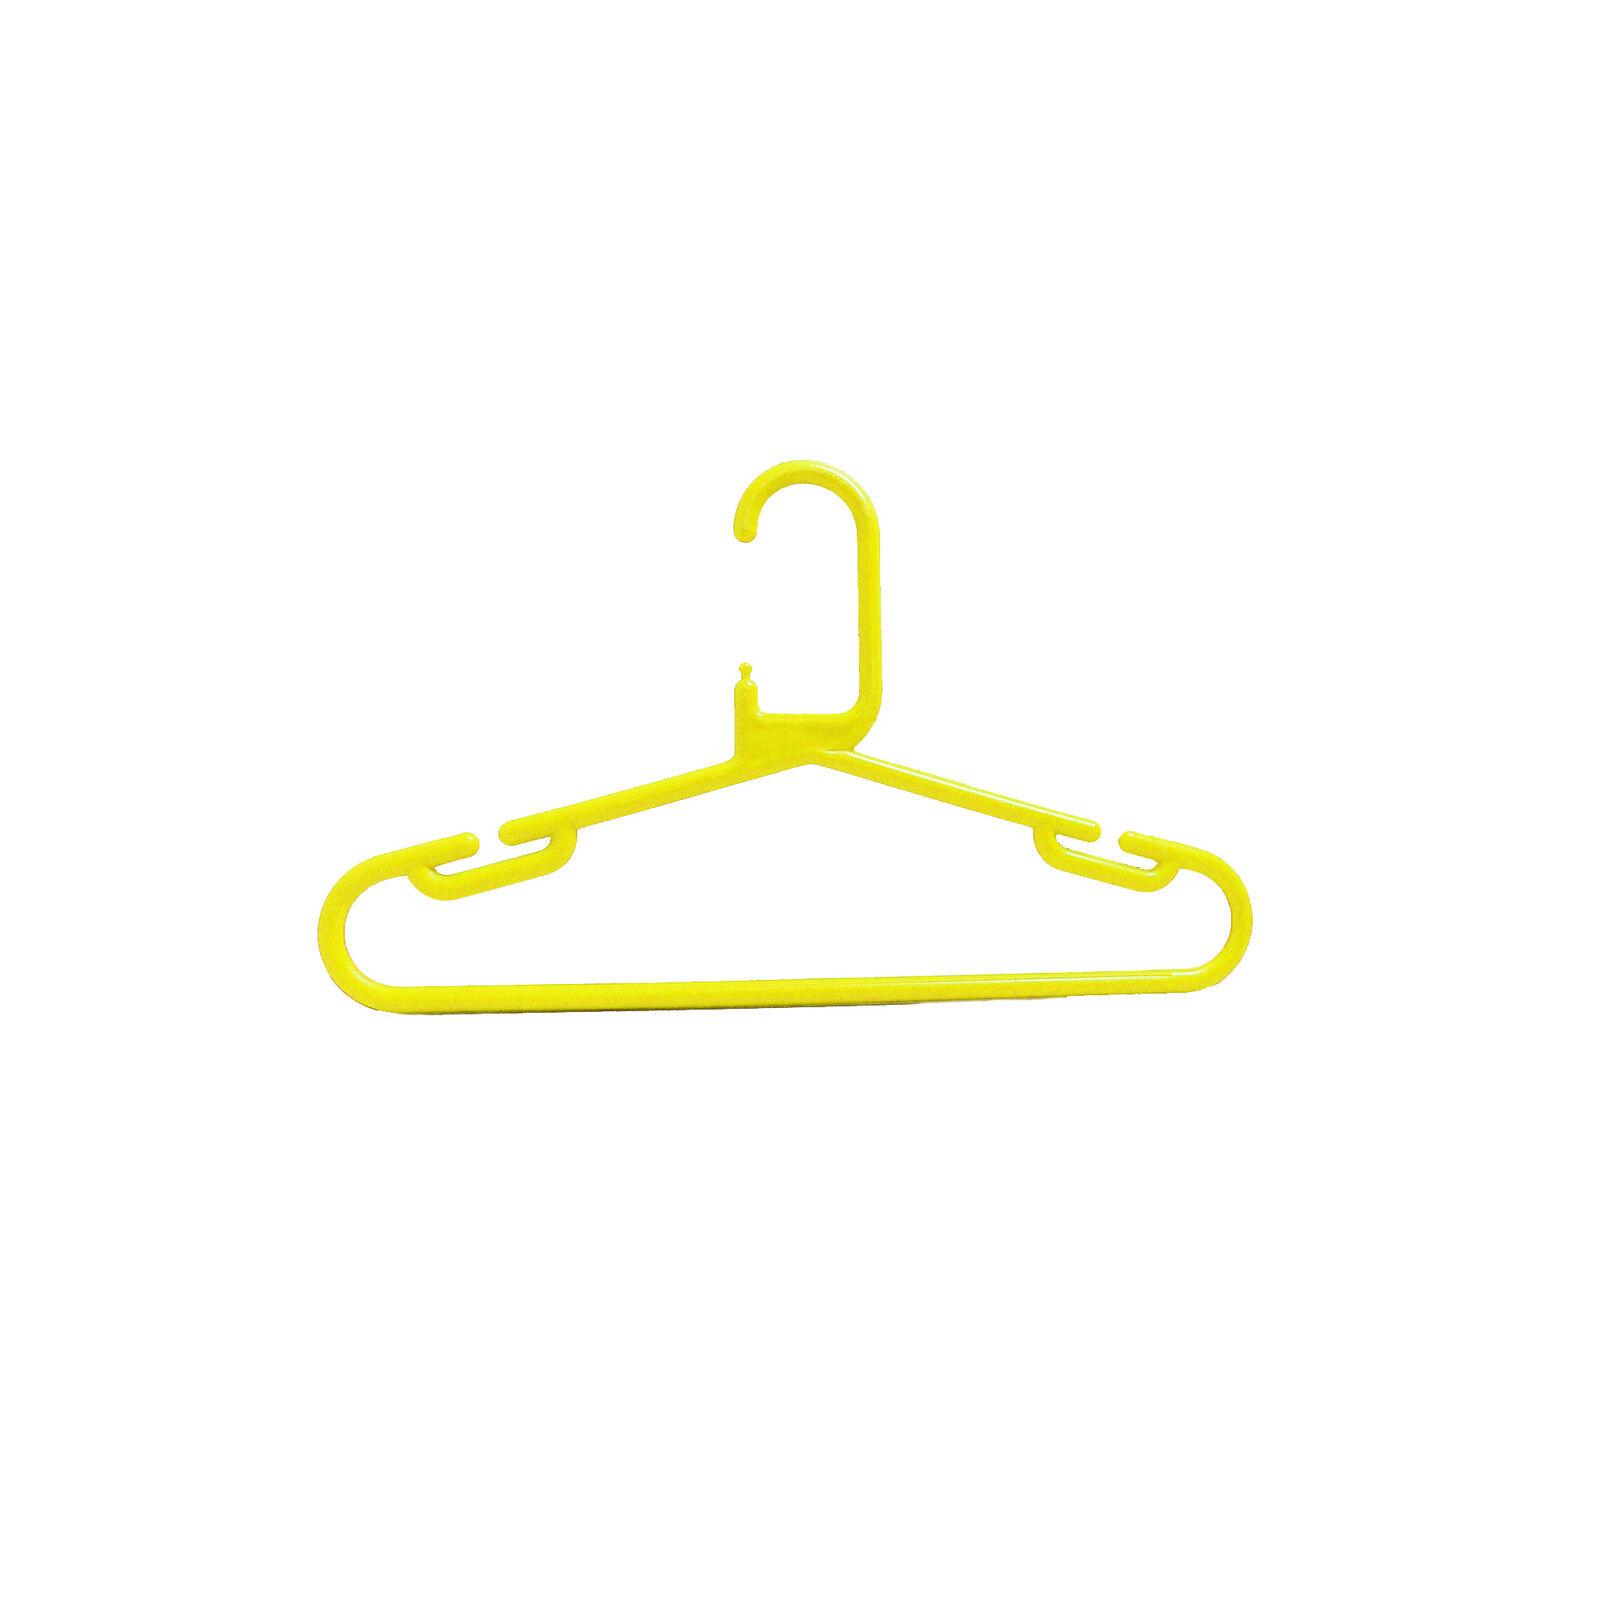 KIDS HEAVY DUTY PLASTIC COAT HANGERS TROUSER ETC GARMENT CLOTHES HANGER SUIT